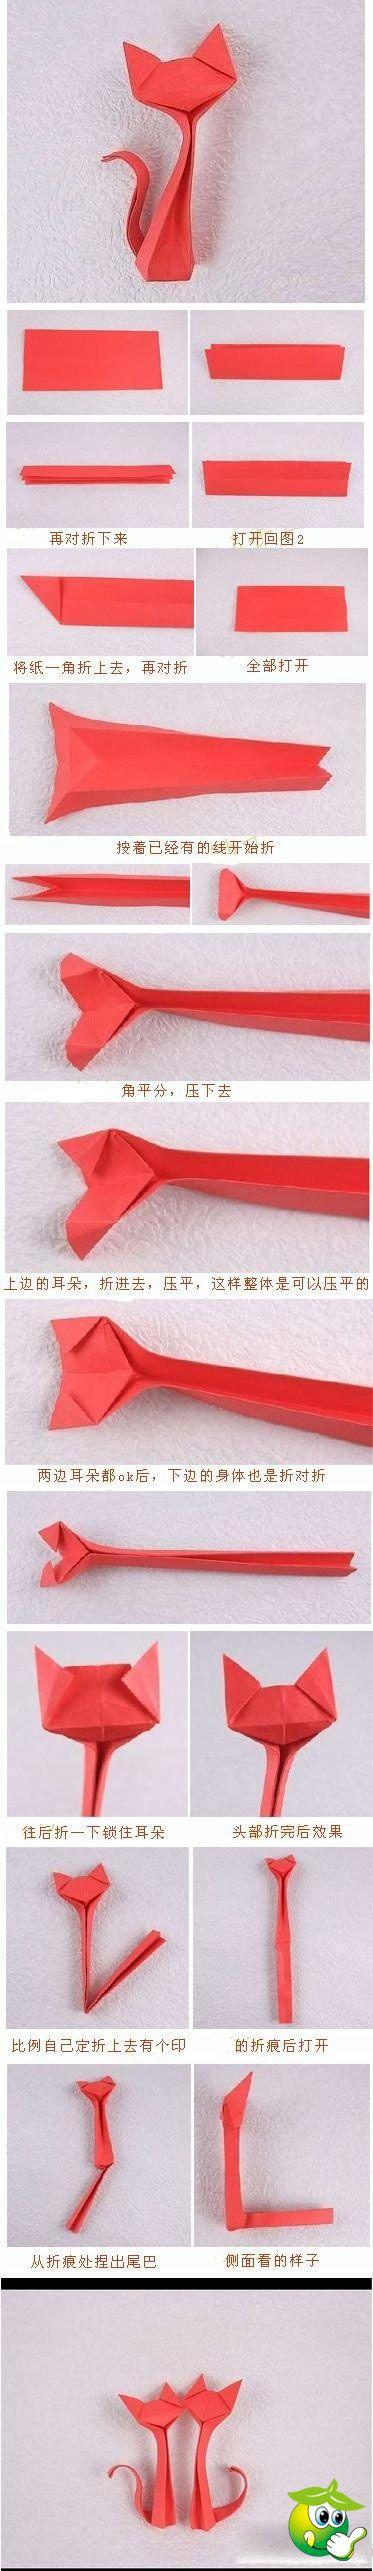 gatinhos de origami